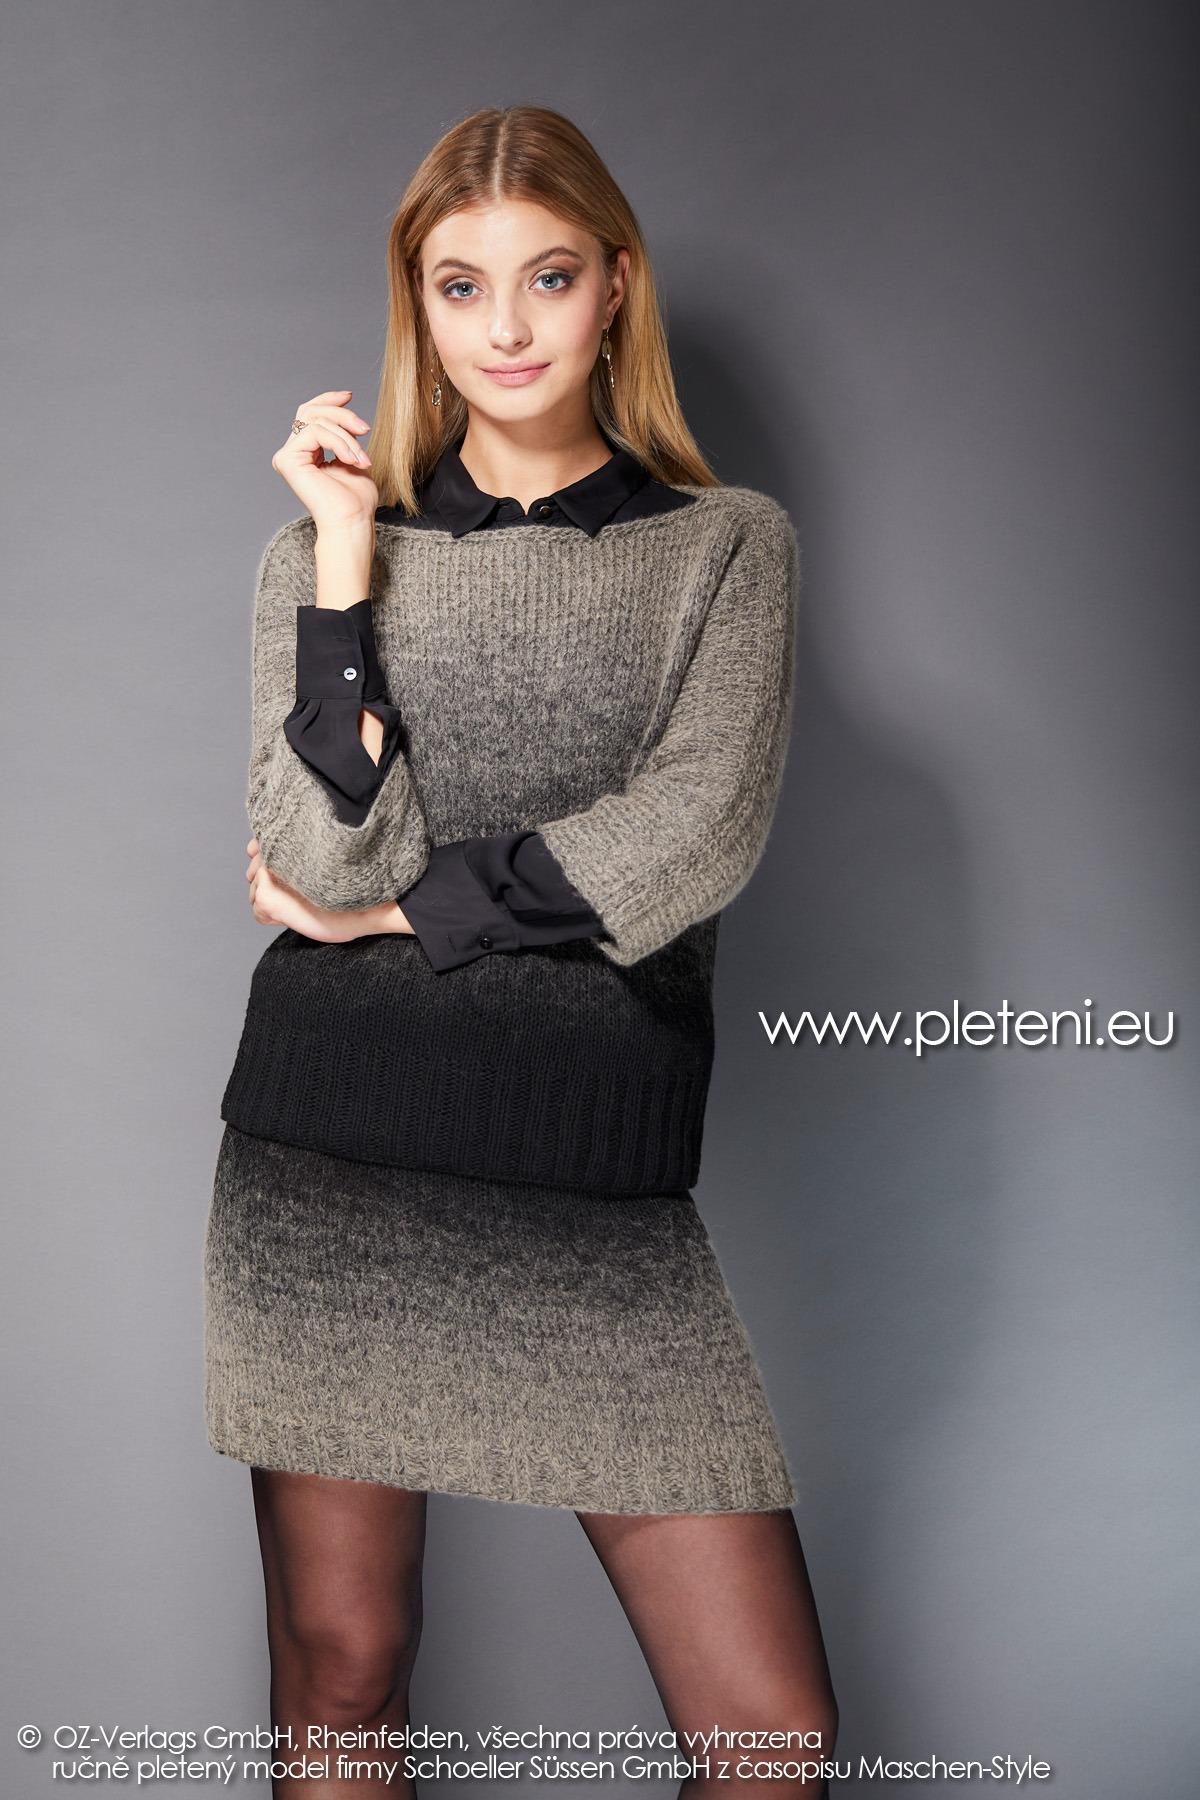 2019-Z-31-32 pletený dámský svetr a sukně z příze Delicate značky Austermann